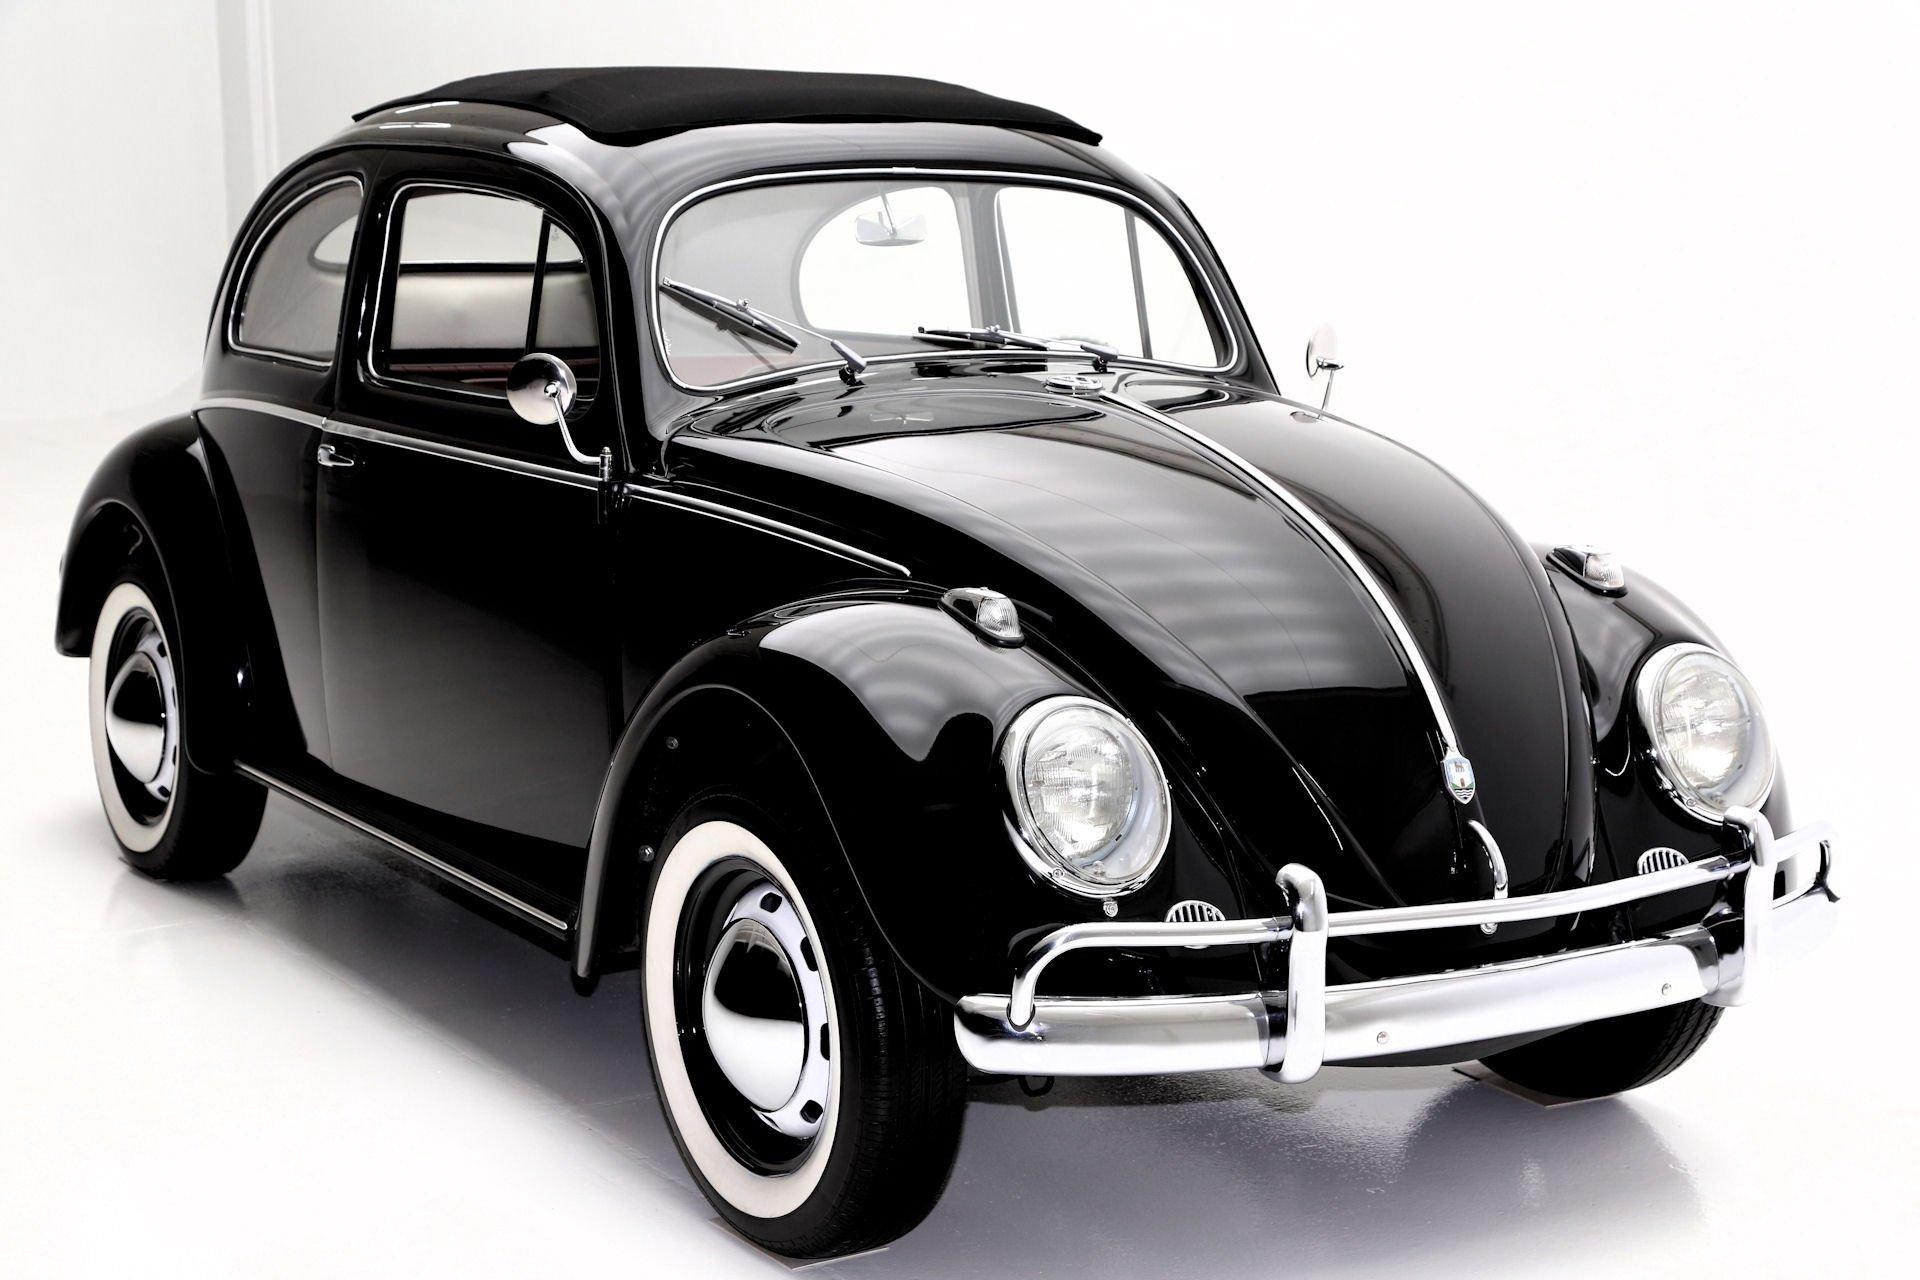 1957 volkswagen beetle classic wallpaper 1920x1280